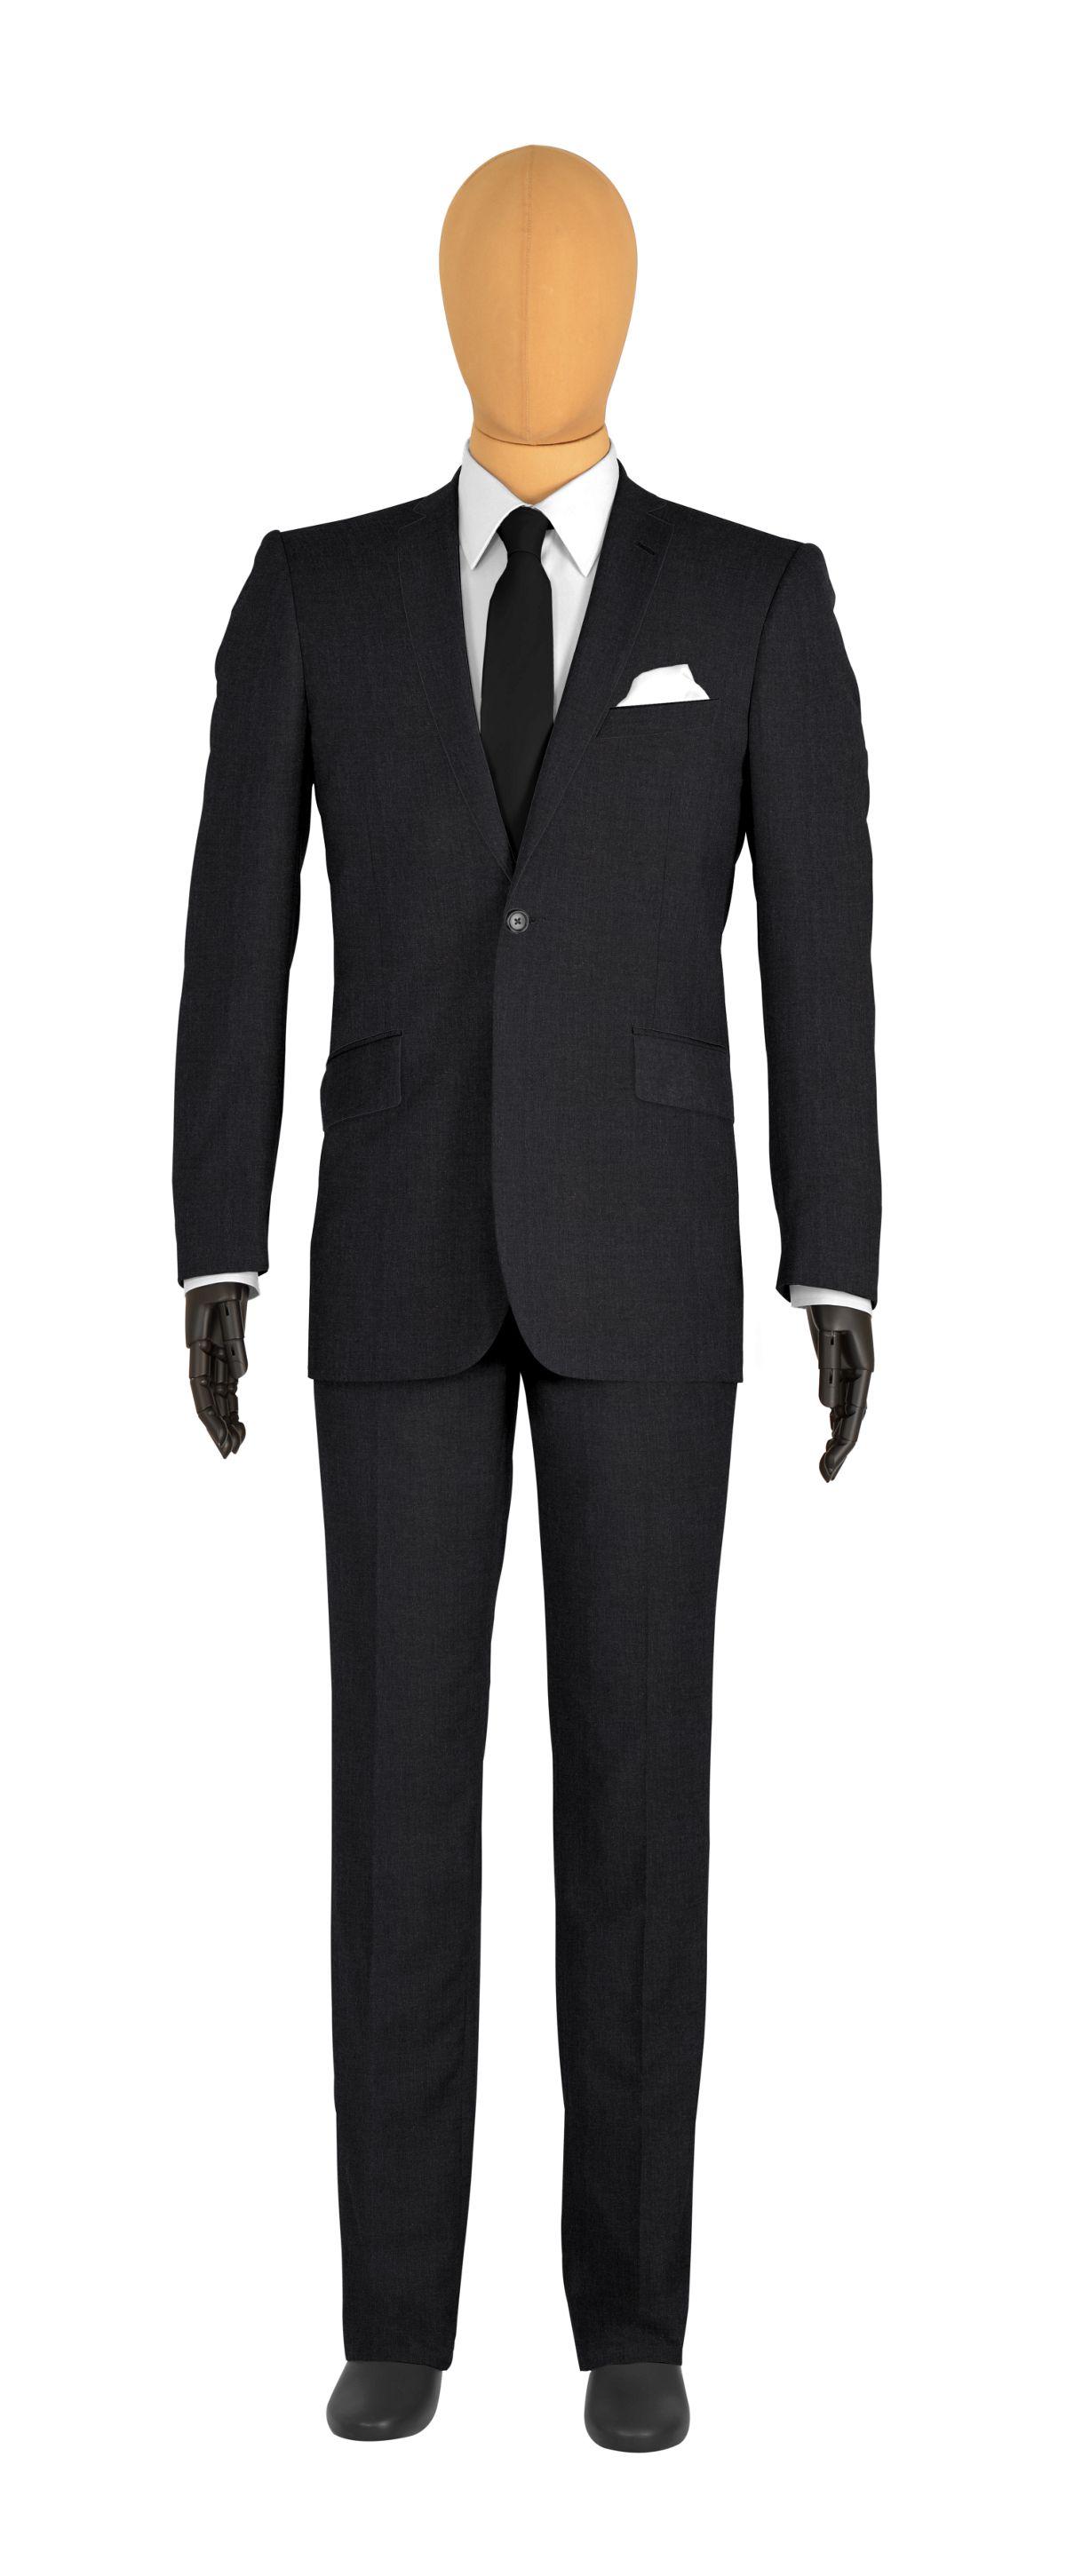 Costume 1 bouton gris anthracite doublure bordeaux